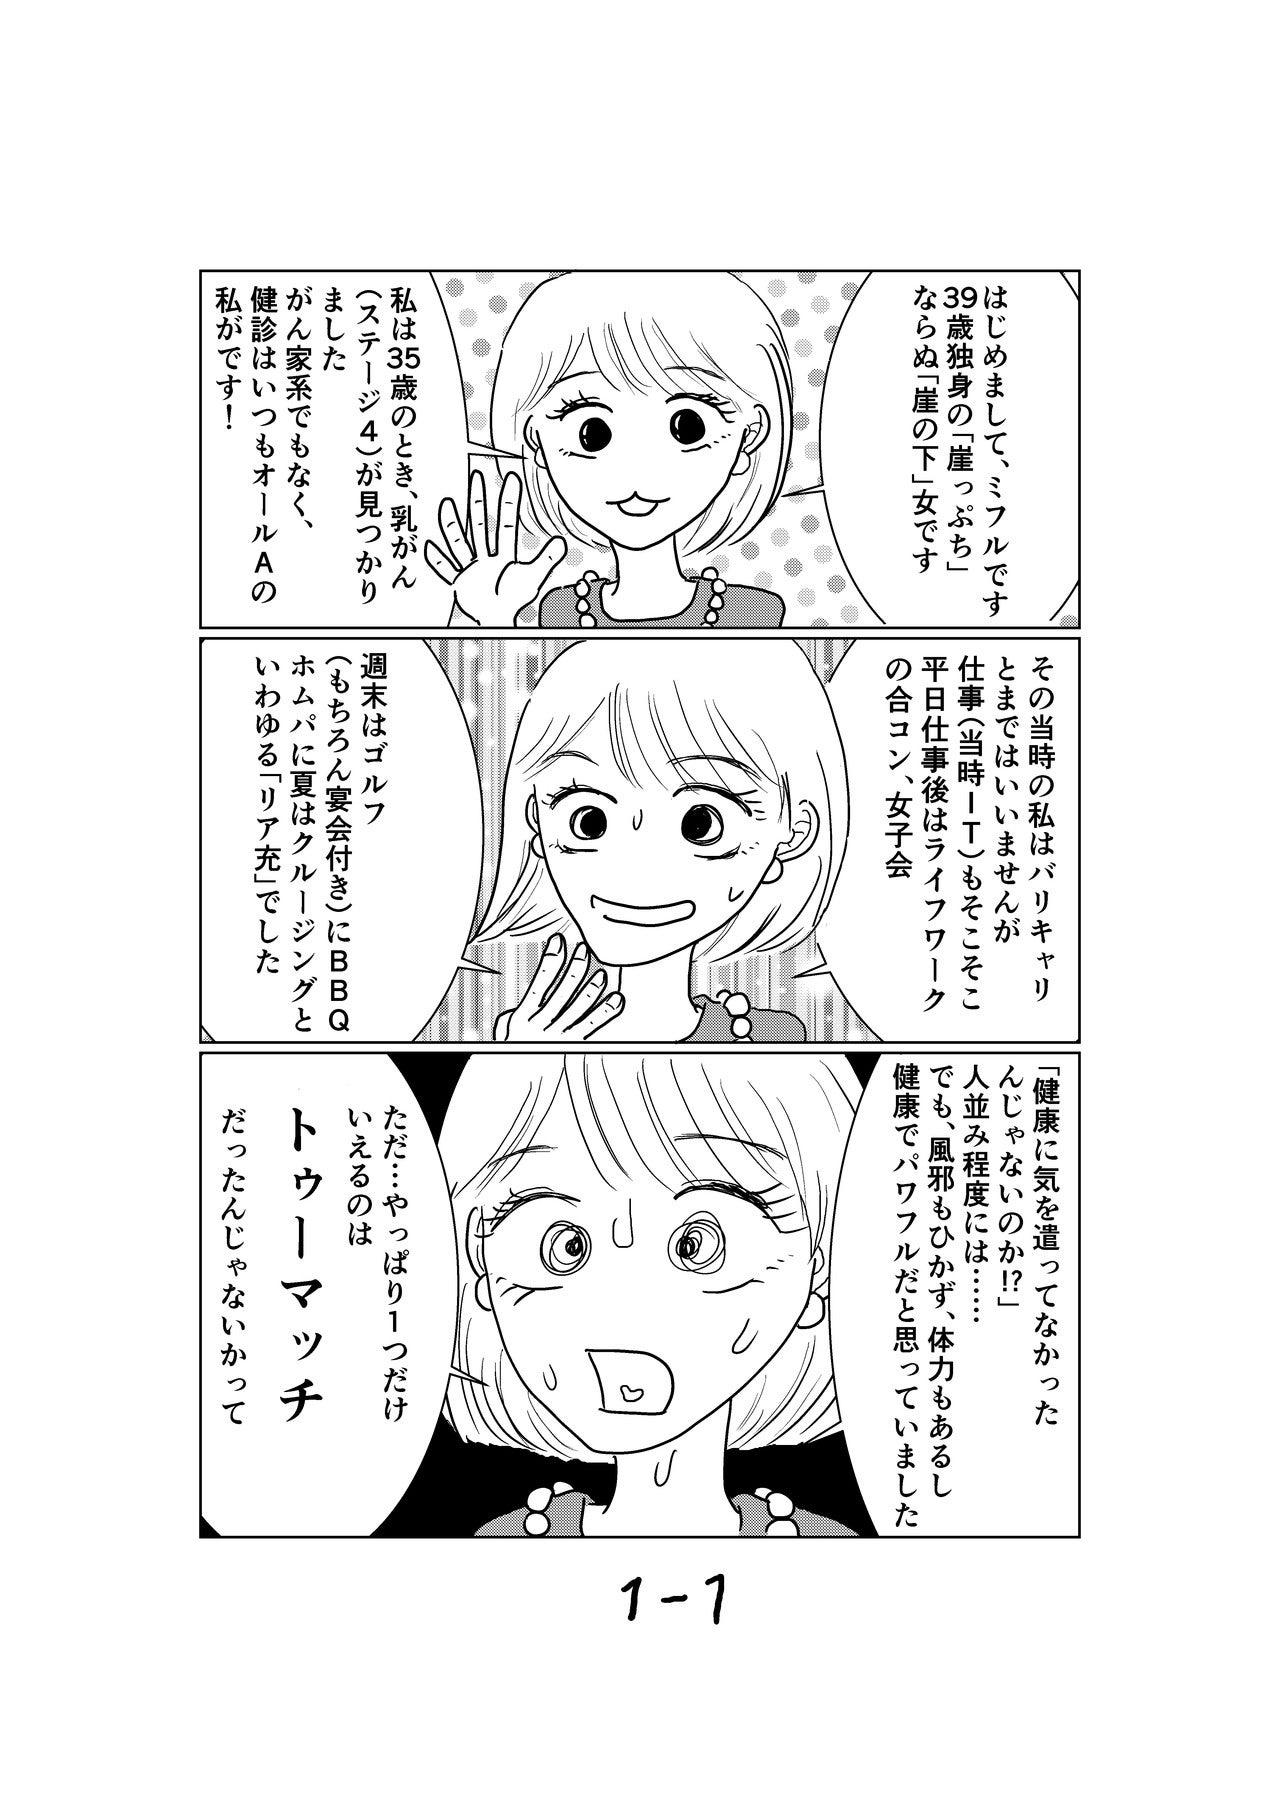 1章_出力JPEG_001